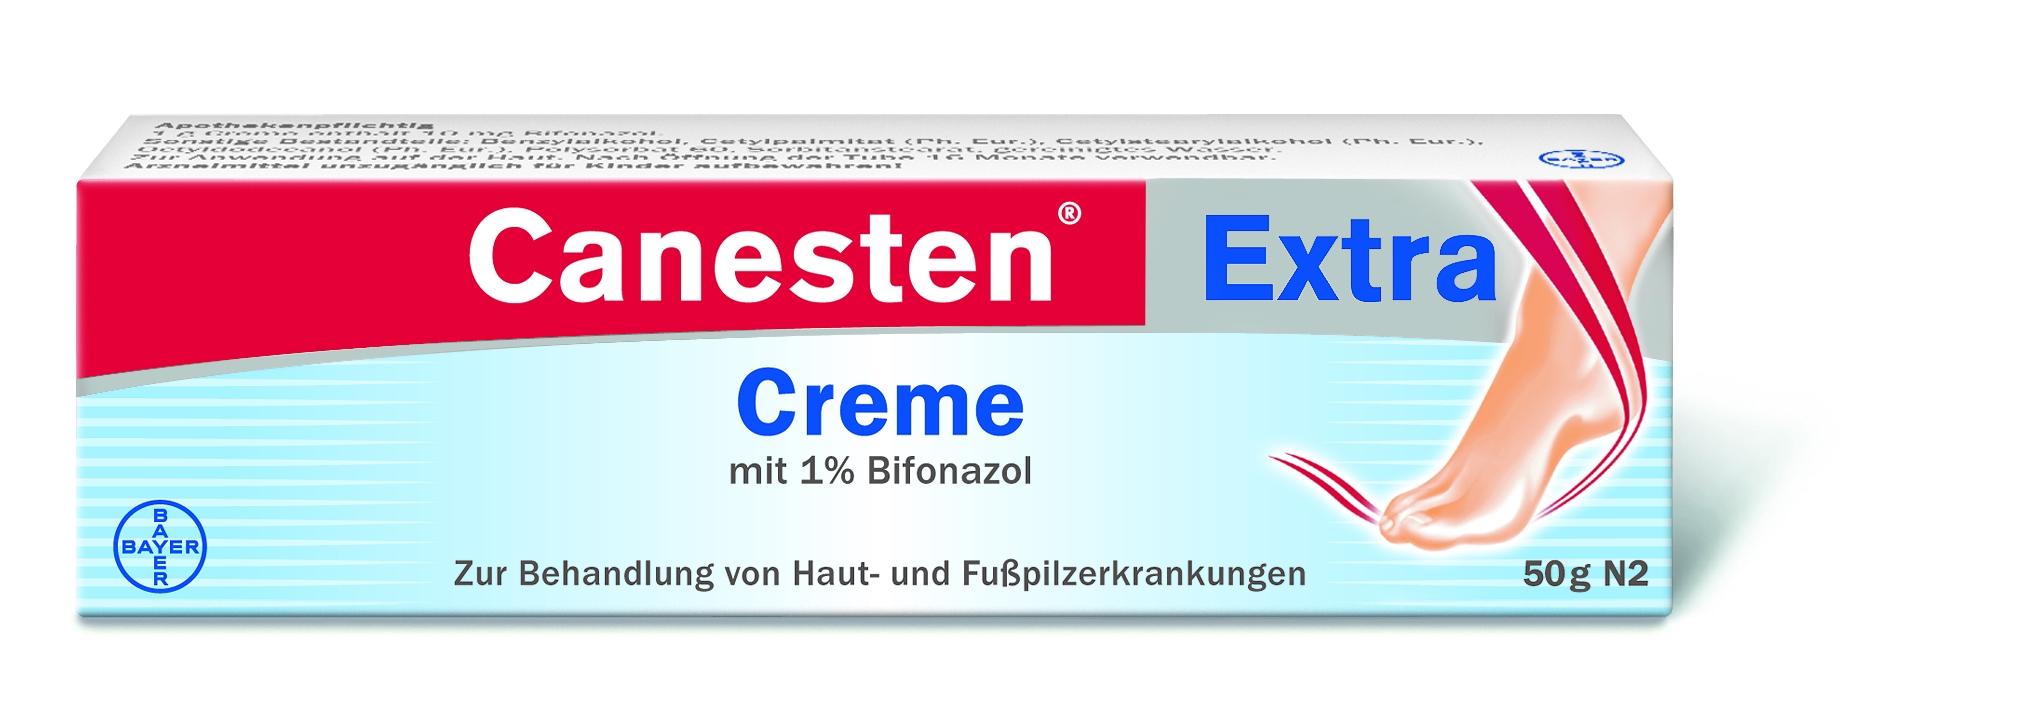 CANESTEN extra Creme